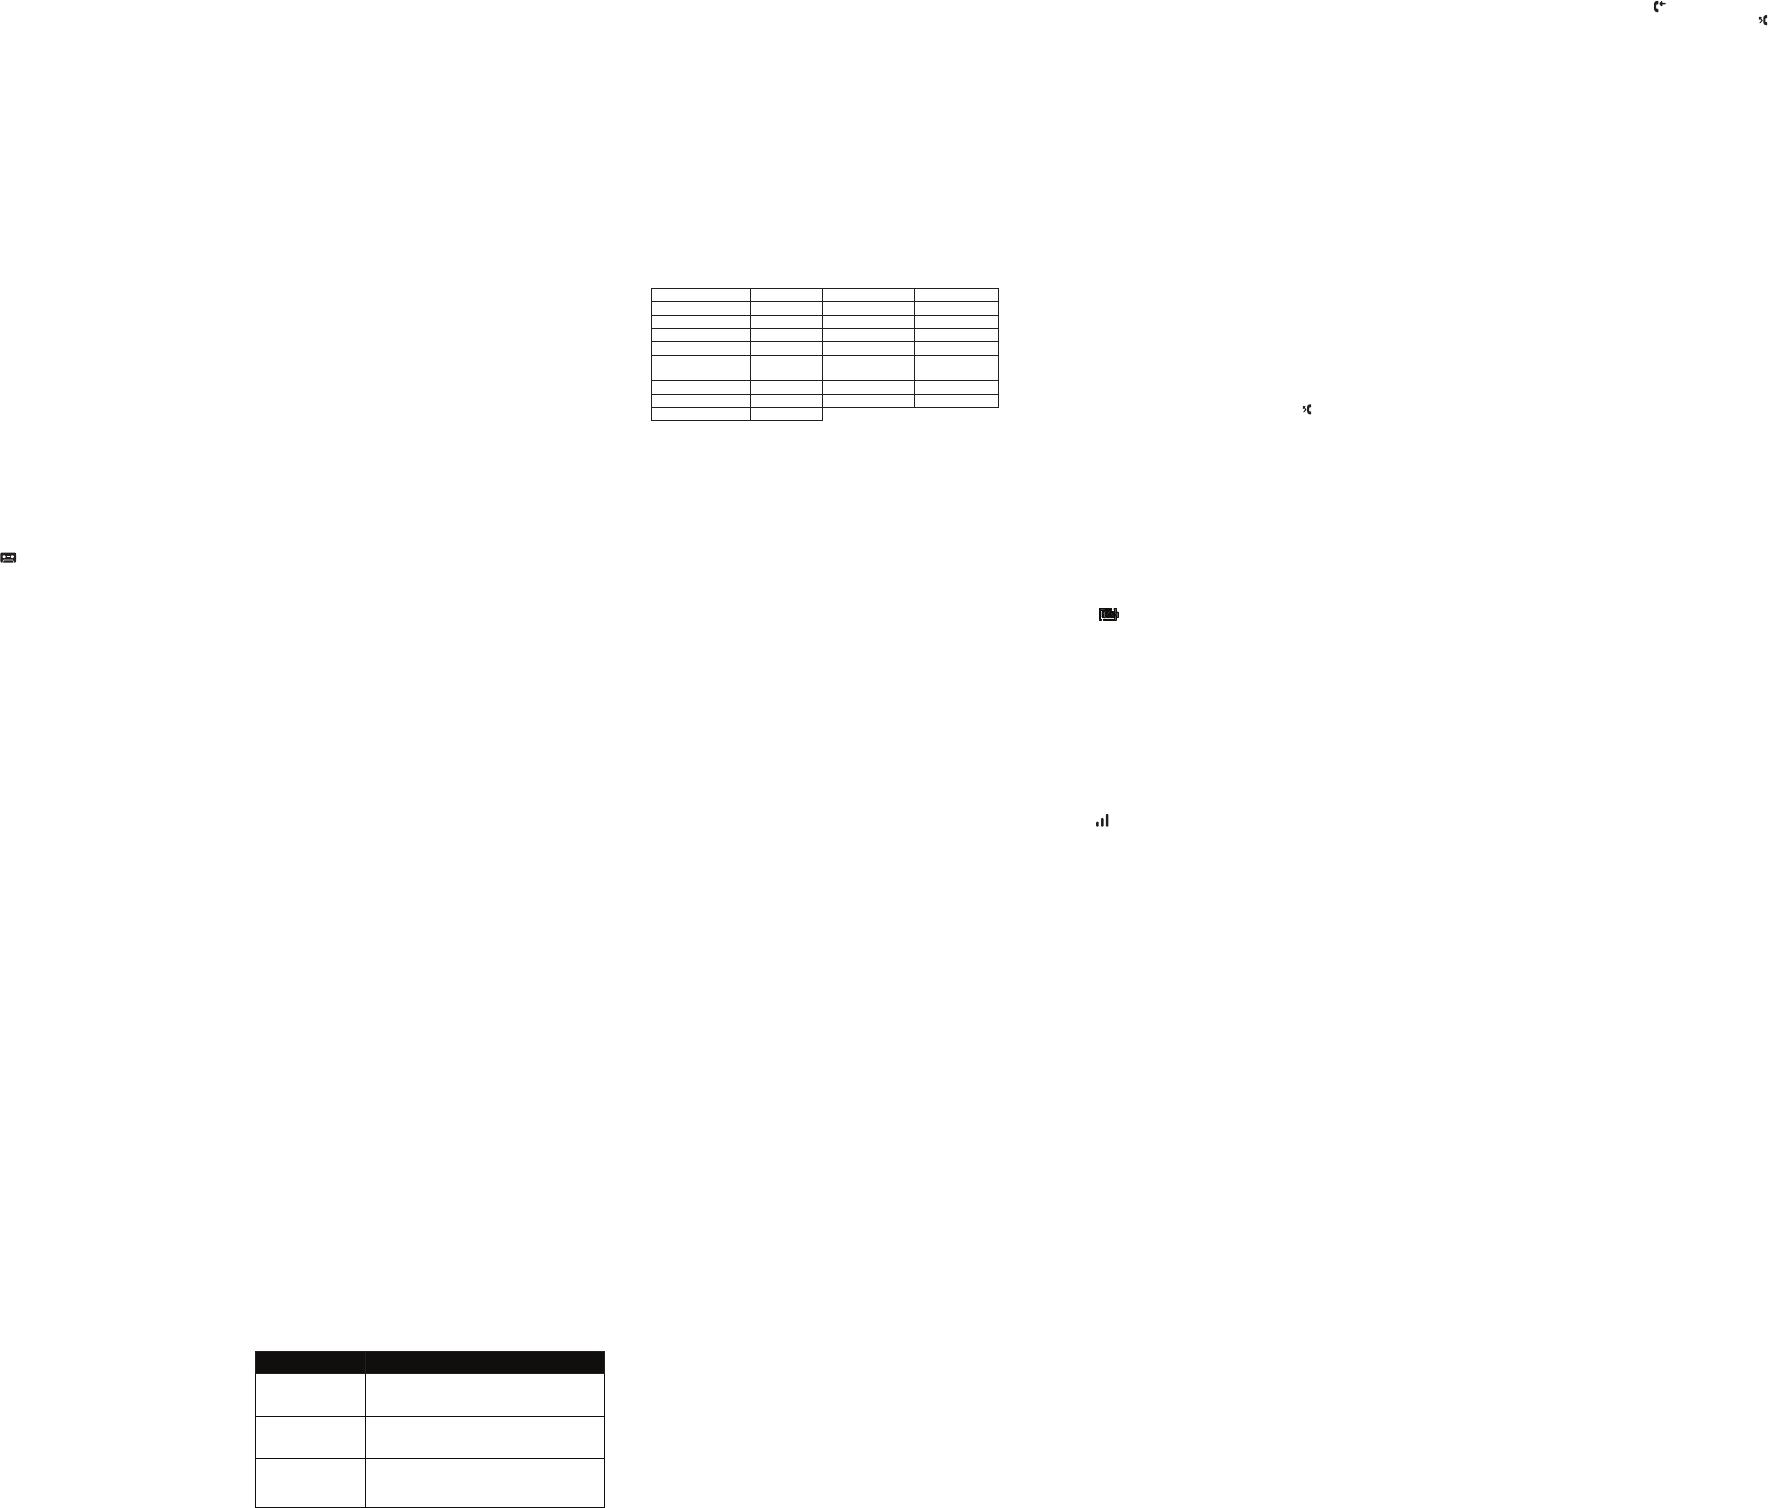 Handleiding Motorola C1014LX (pagina 1 van 2) (Espanõl)